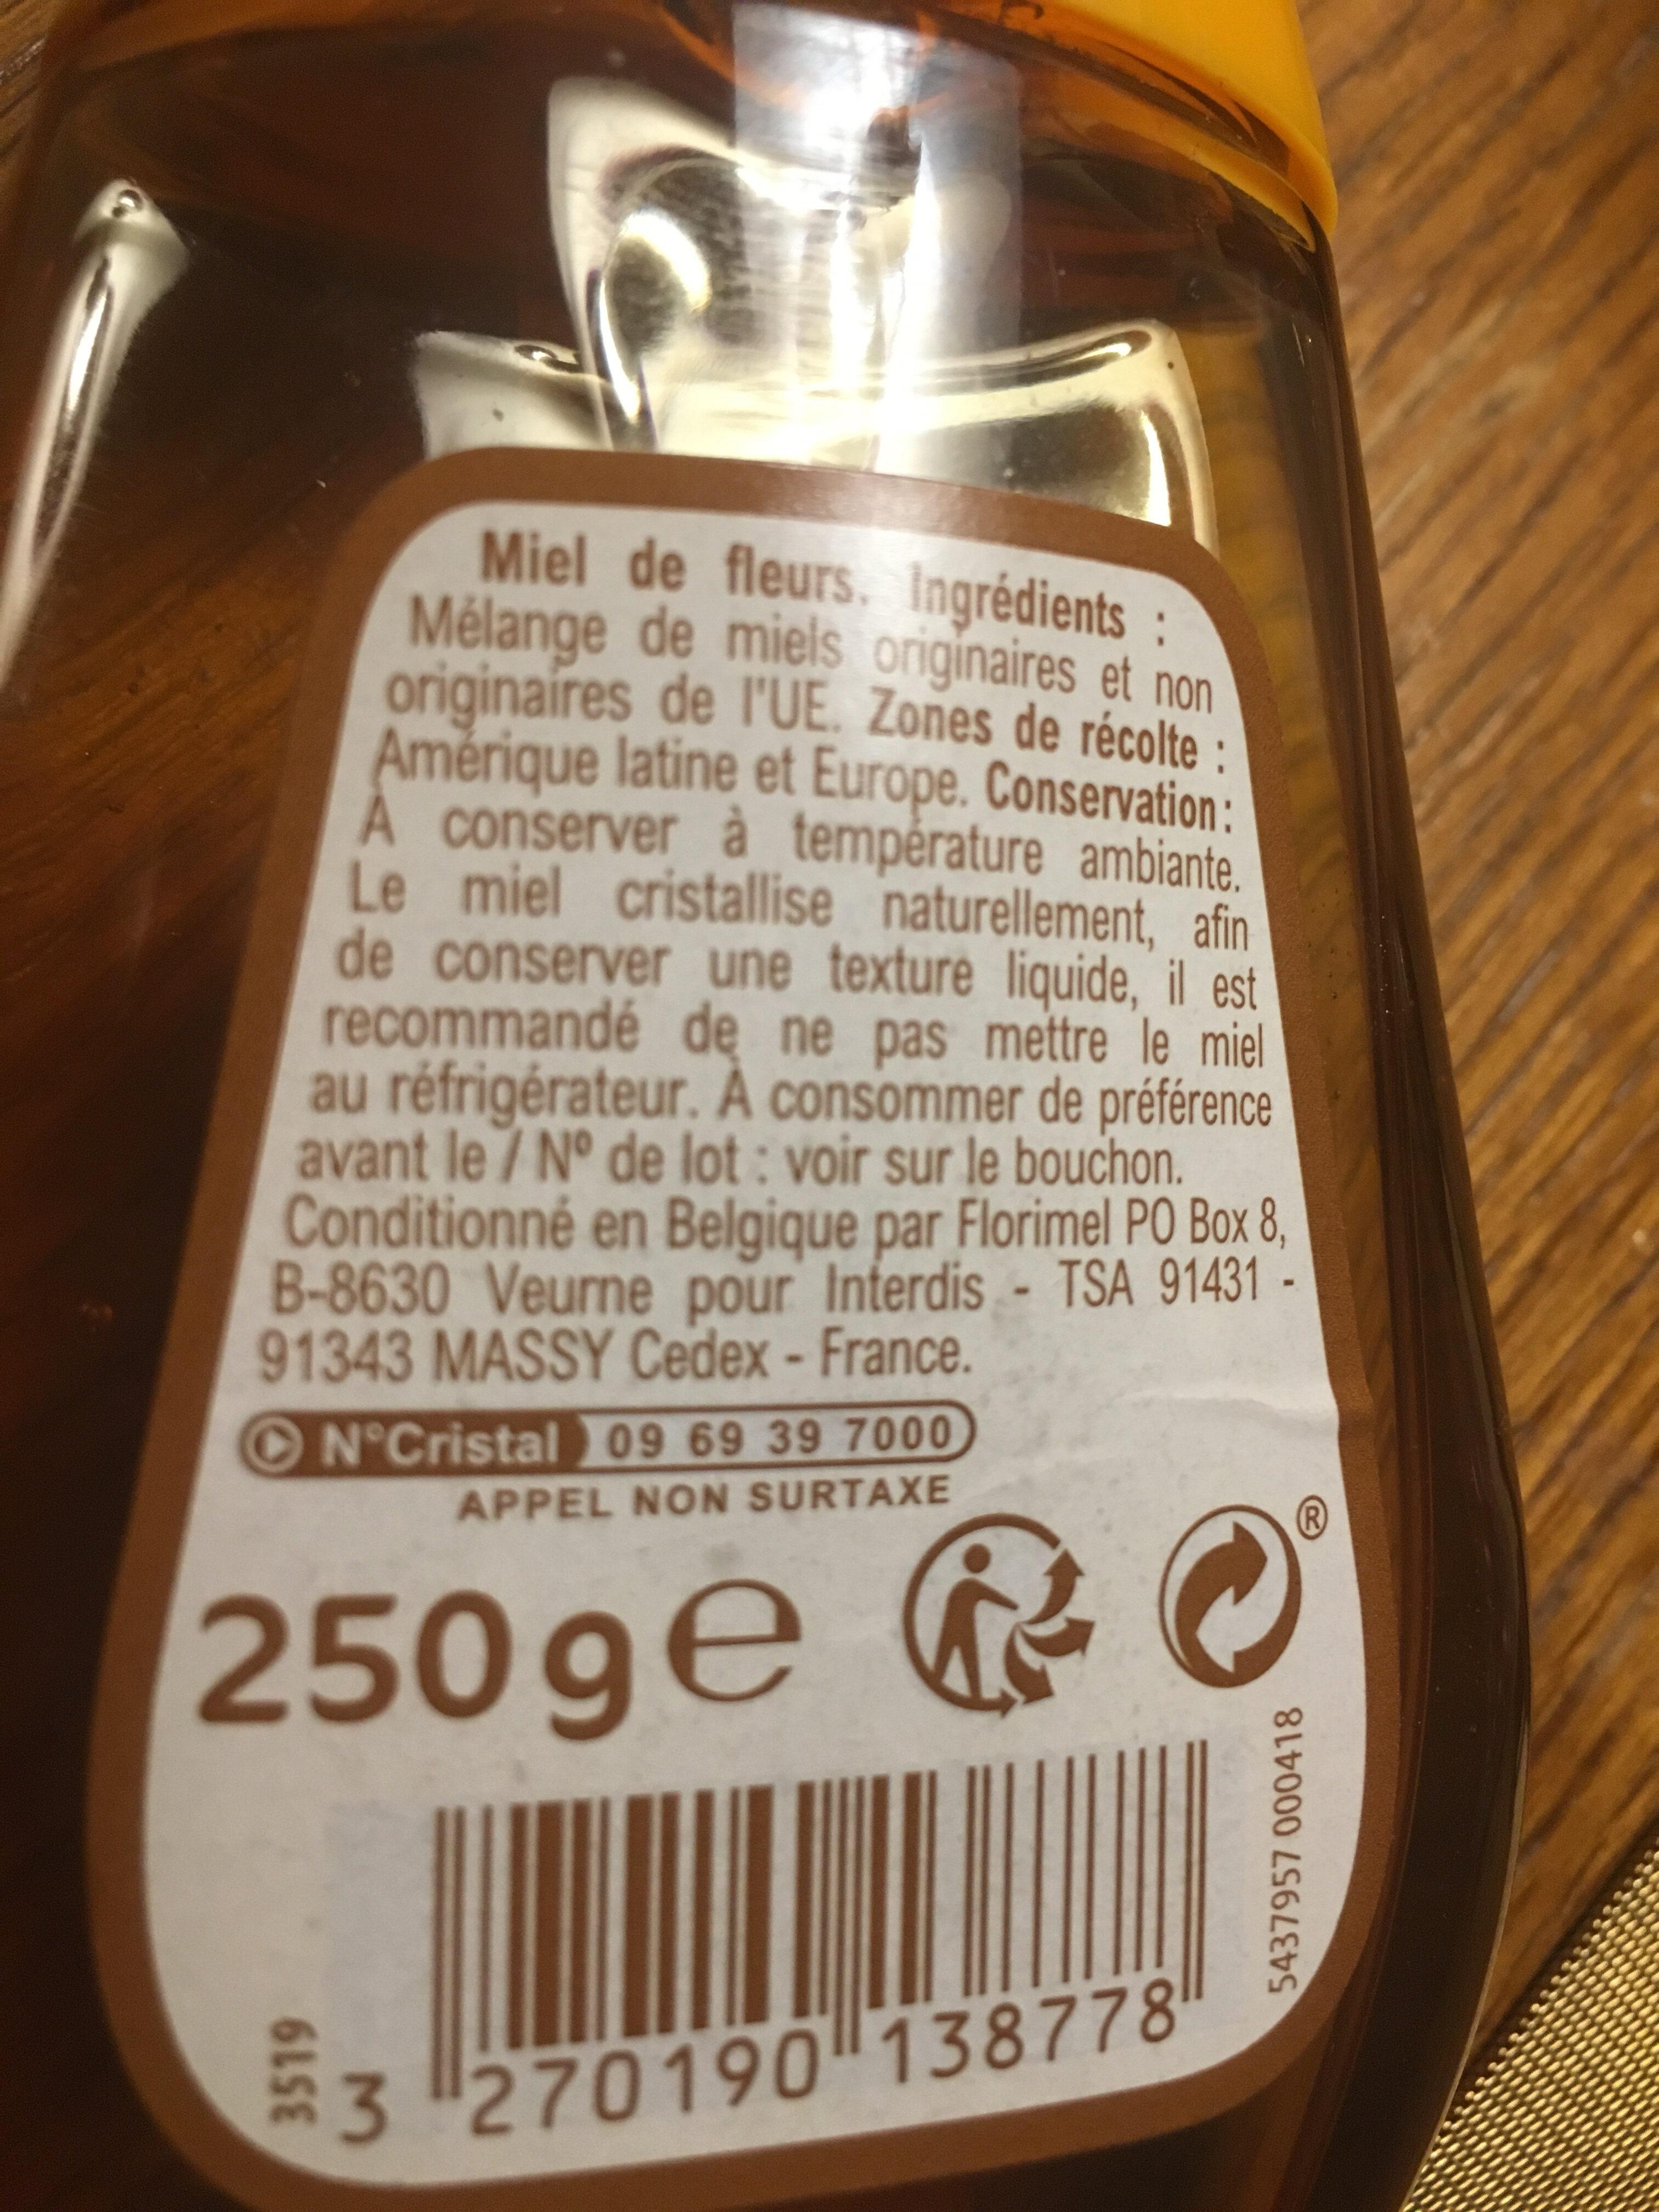 Miel de fleurs - Nutrition facts - fr